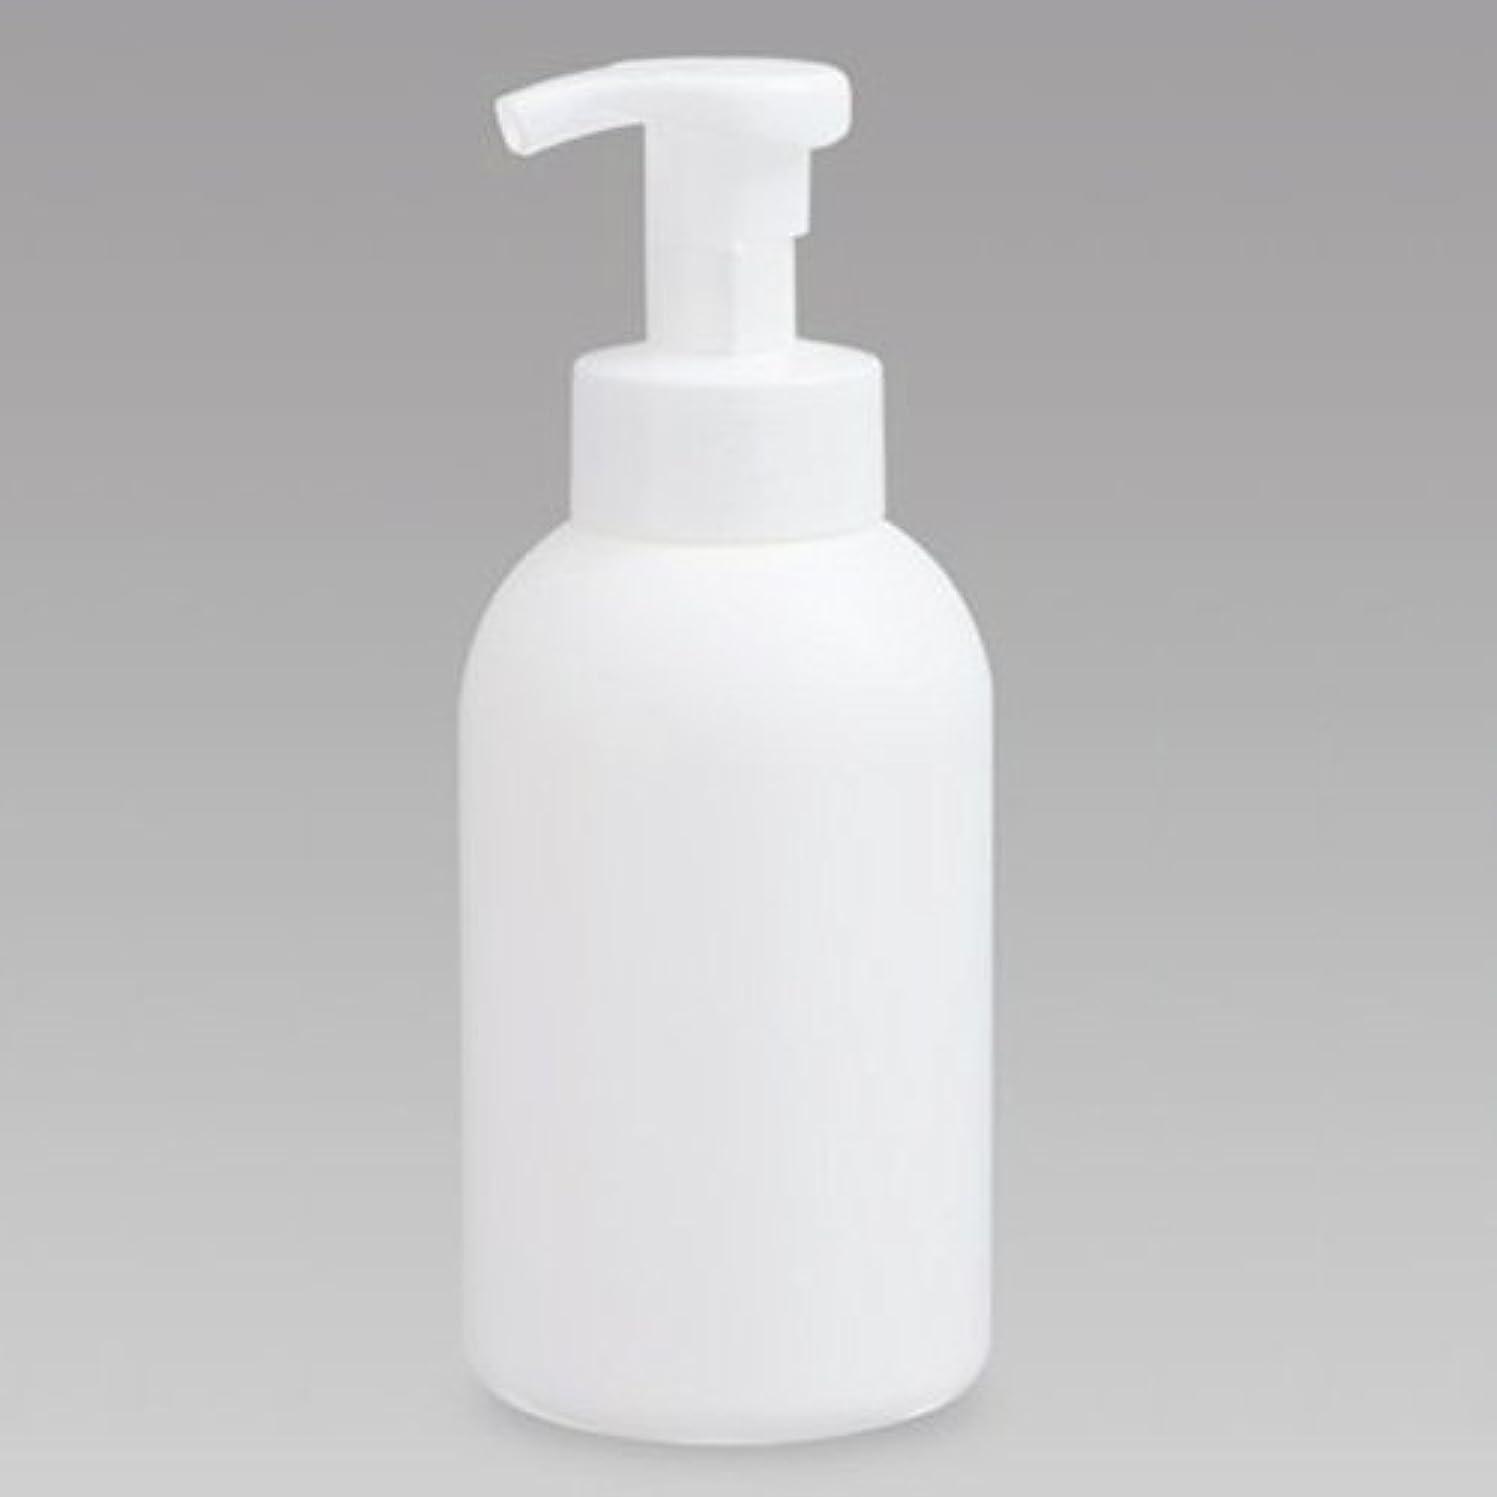 モチーフグリーンランドカンガルー泡ボトル 泡ポンプボトル 500mL(PE) ホワイト 詰め替え 詰替 泡ハンドソープ 全身石鹸 ボディソープ 洗顔フォーム